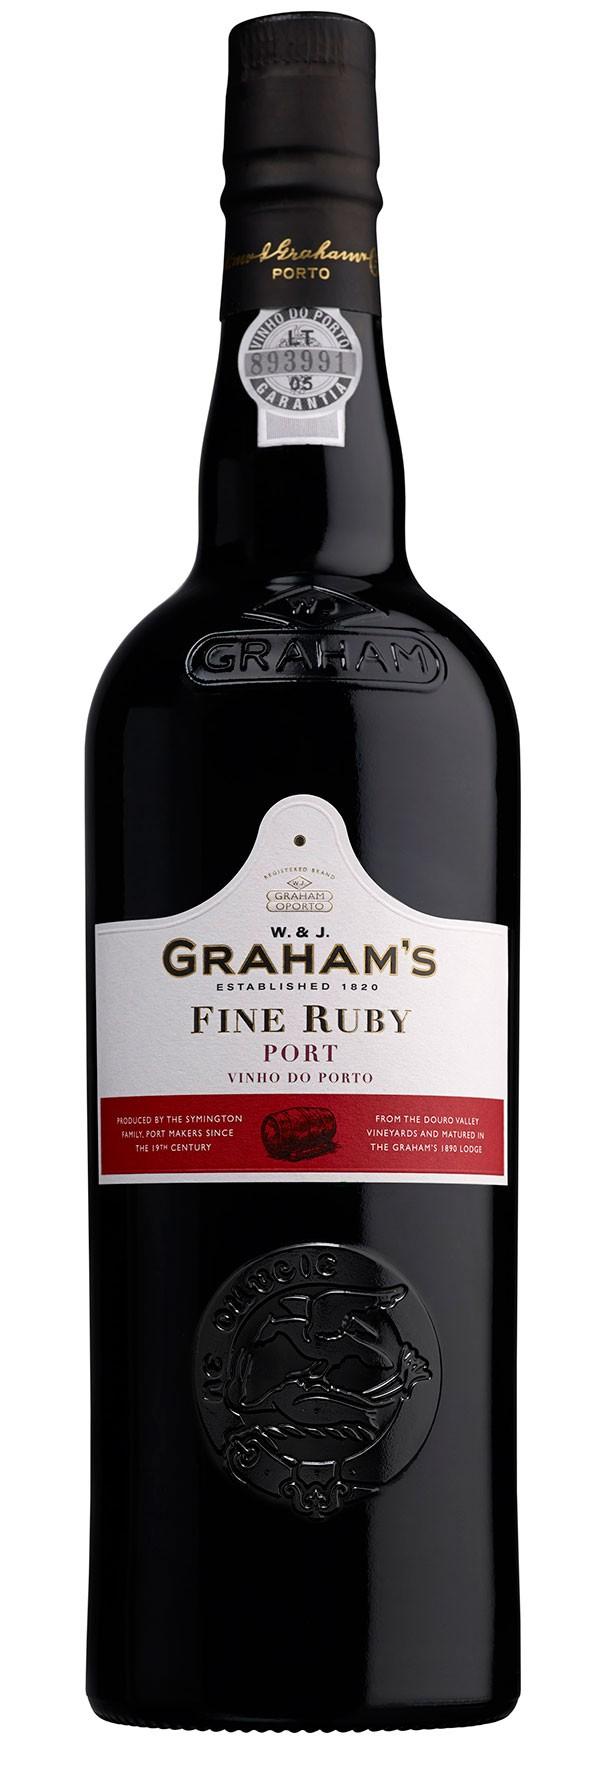 FLES GRAHAM'S PORT FINE RUBY 0.75 LTR-0